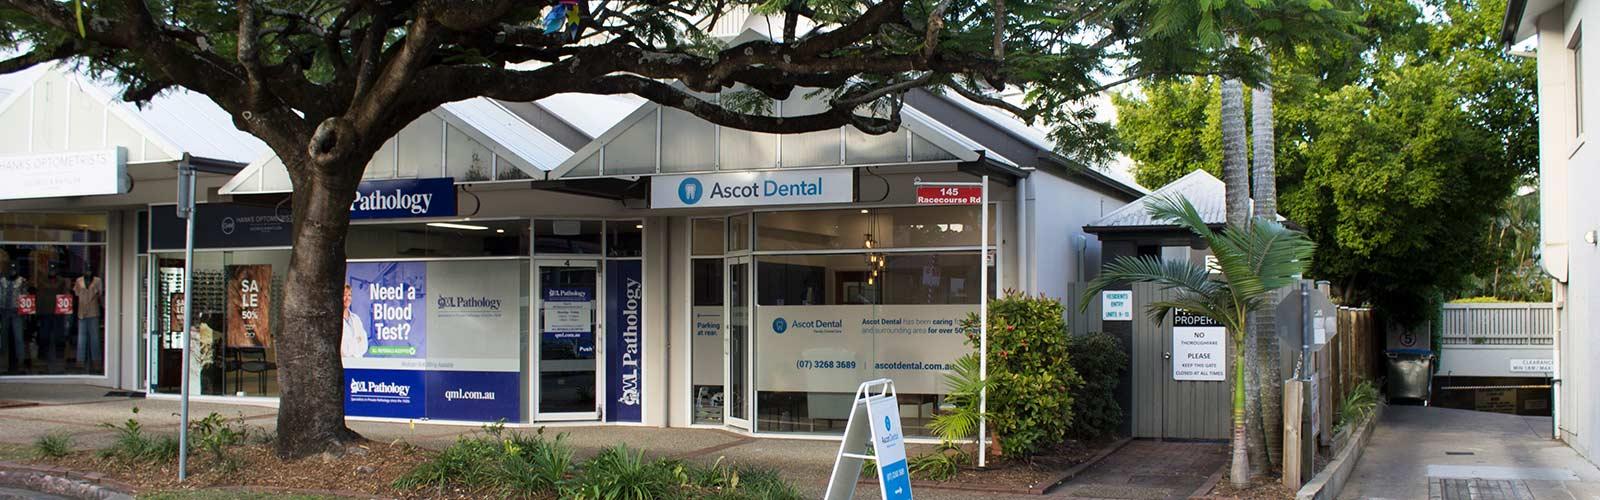 Ascot Dental Outside